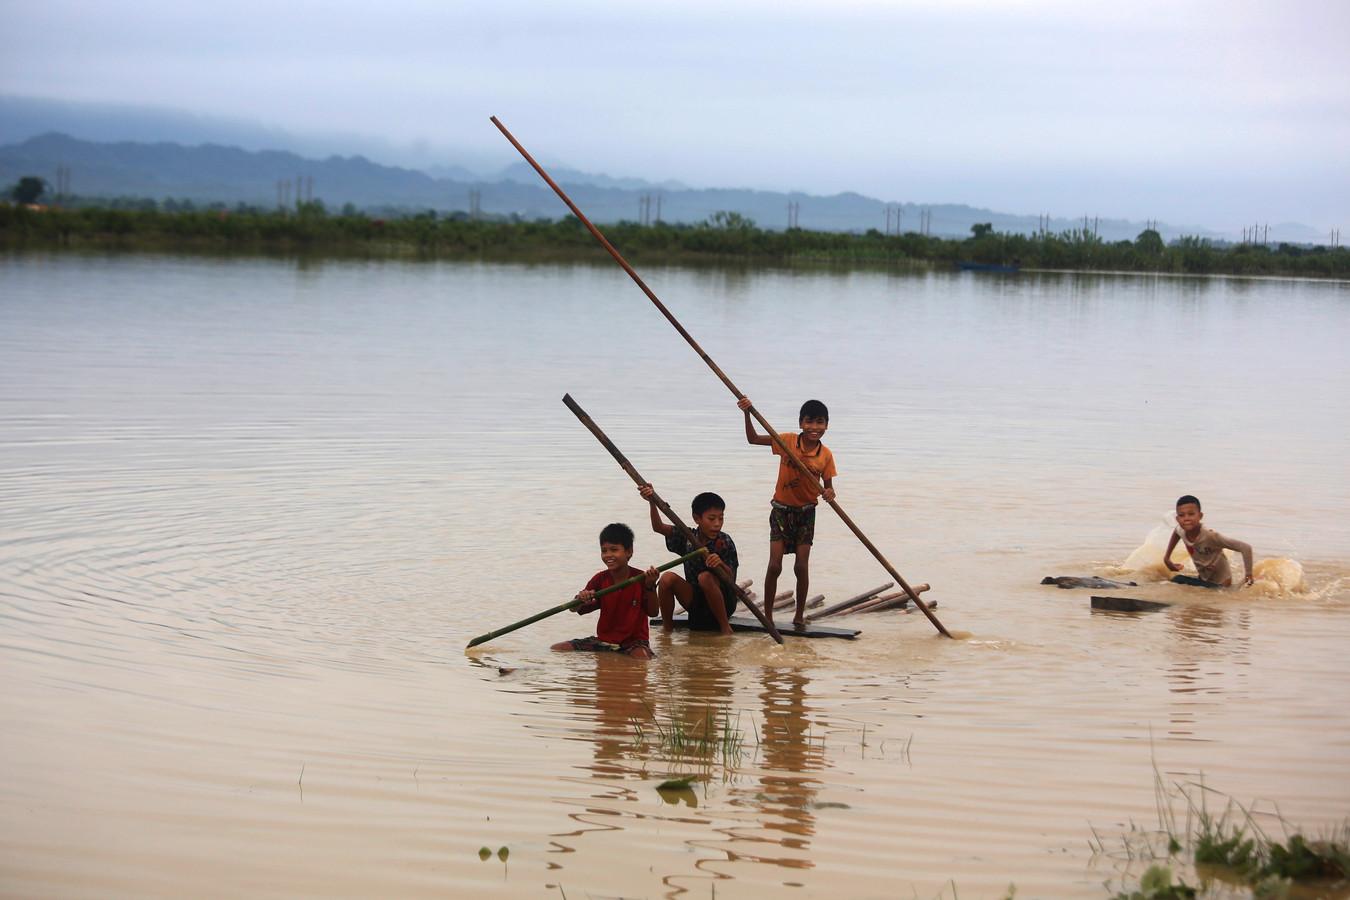 Kinderen op een geïmproviseerd vlot van bamboe in de staat Rakhine in Myanmar, nadat de regio werd getroffen door hevige moessonregens.